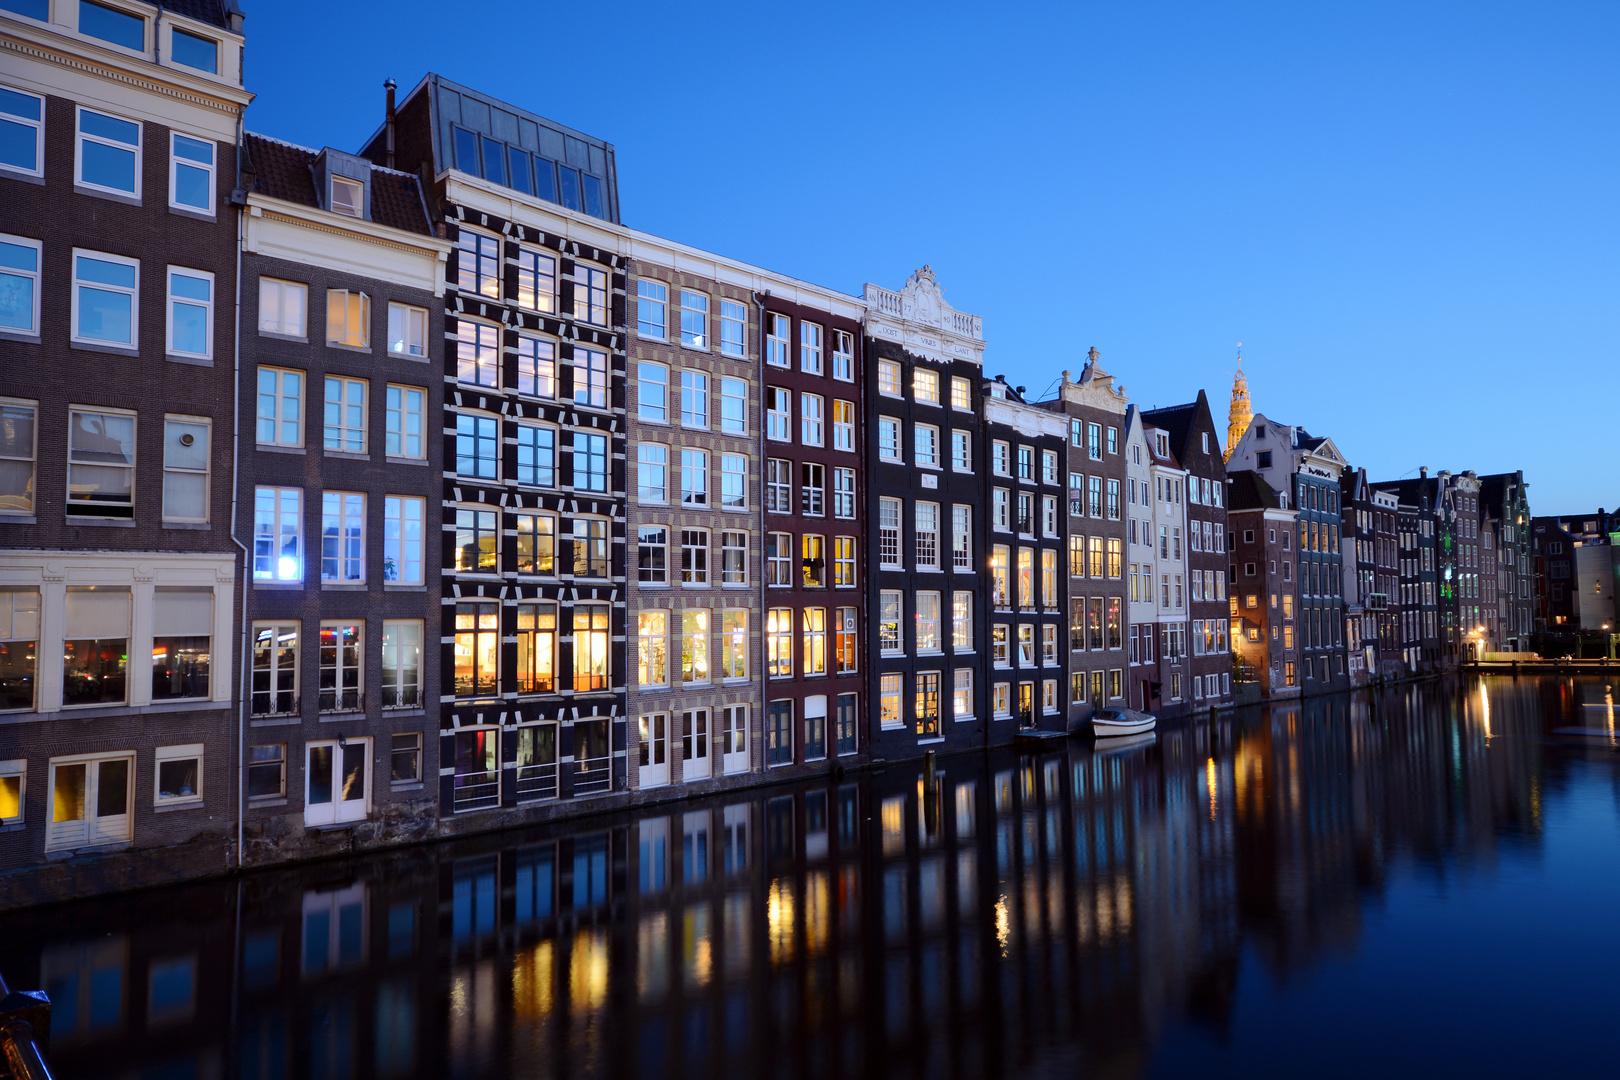 Häuser vor Gracht in Amsterdam